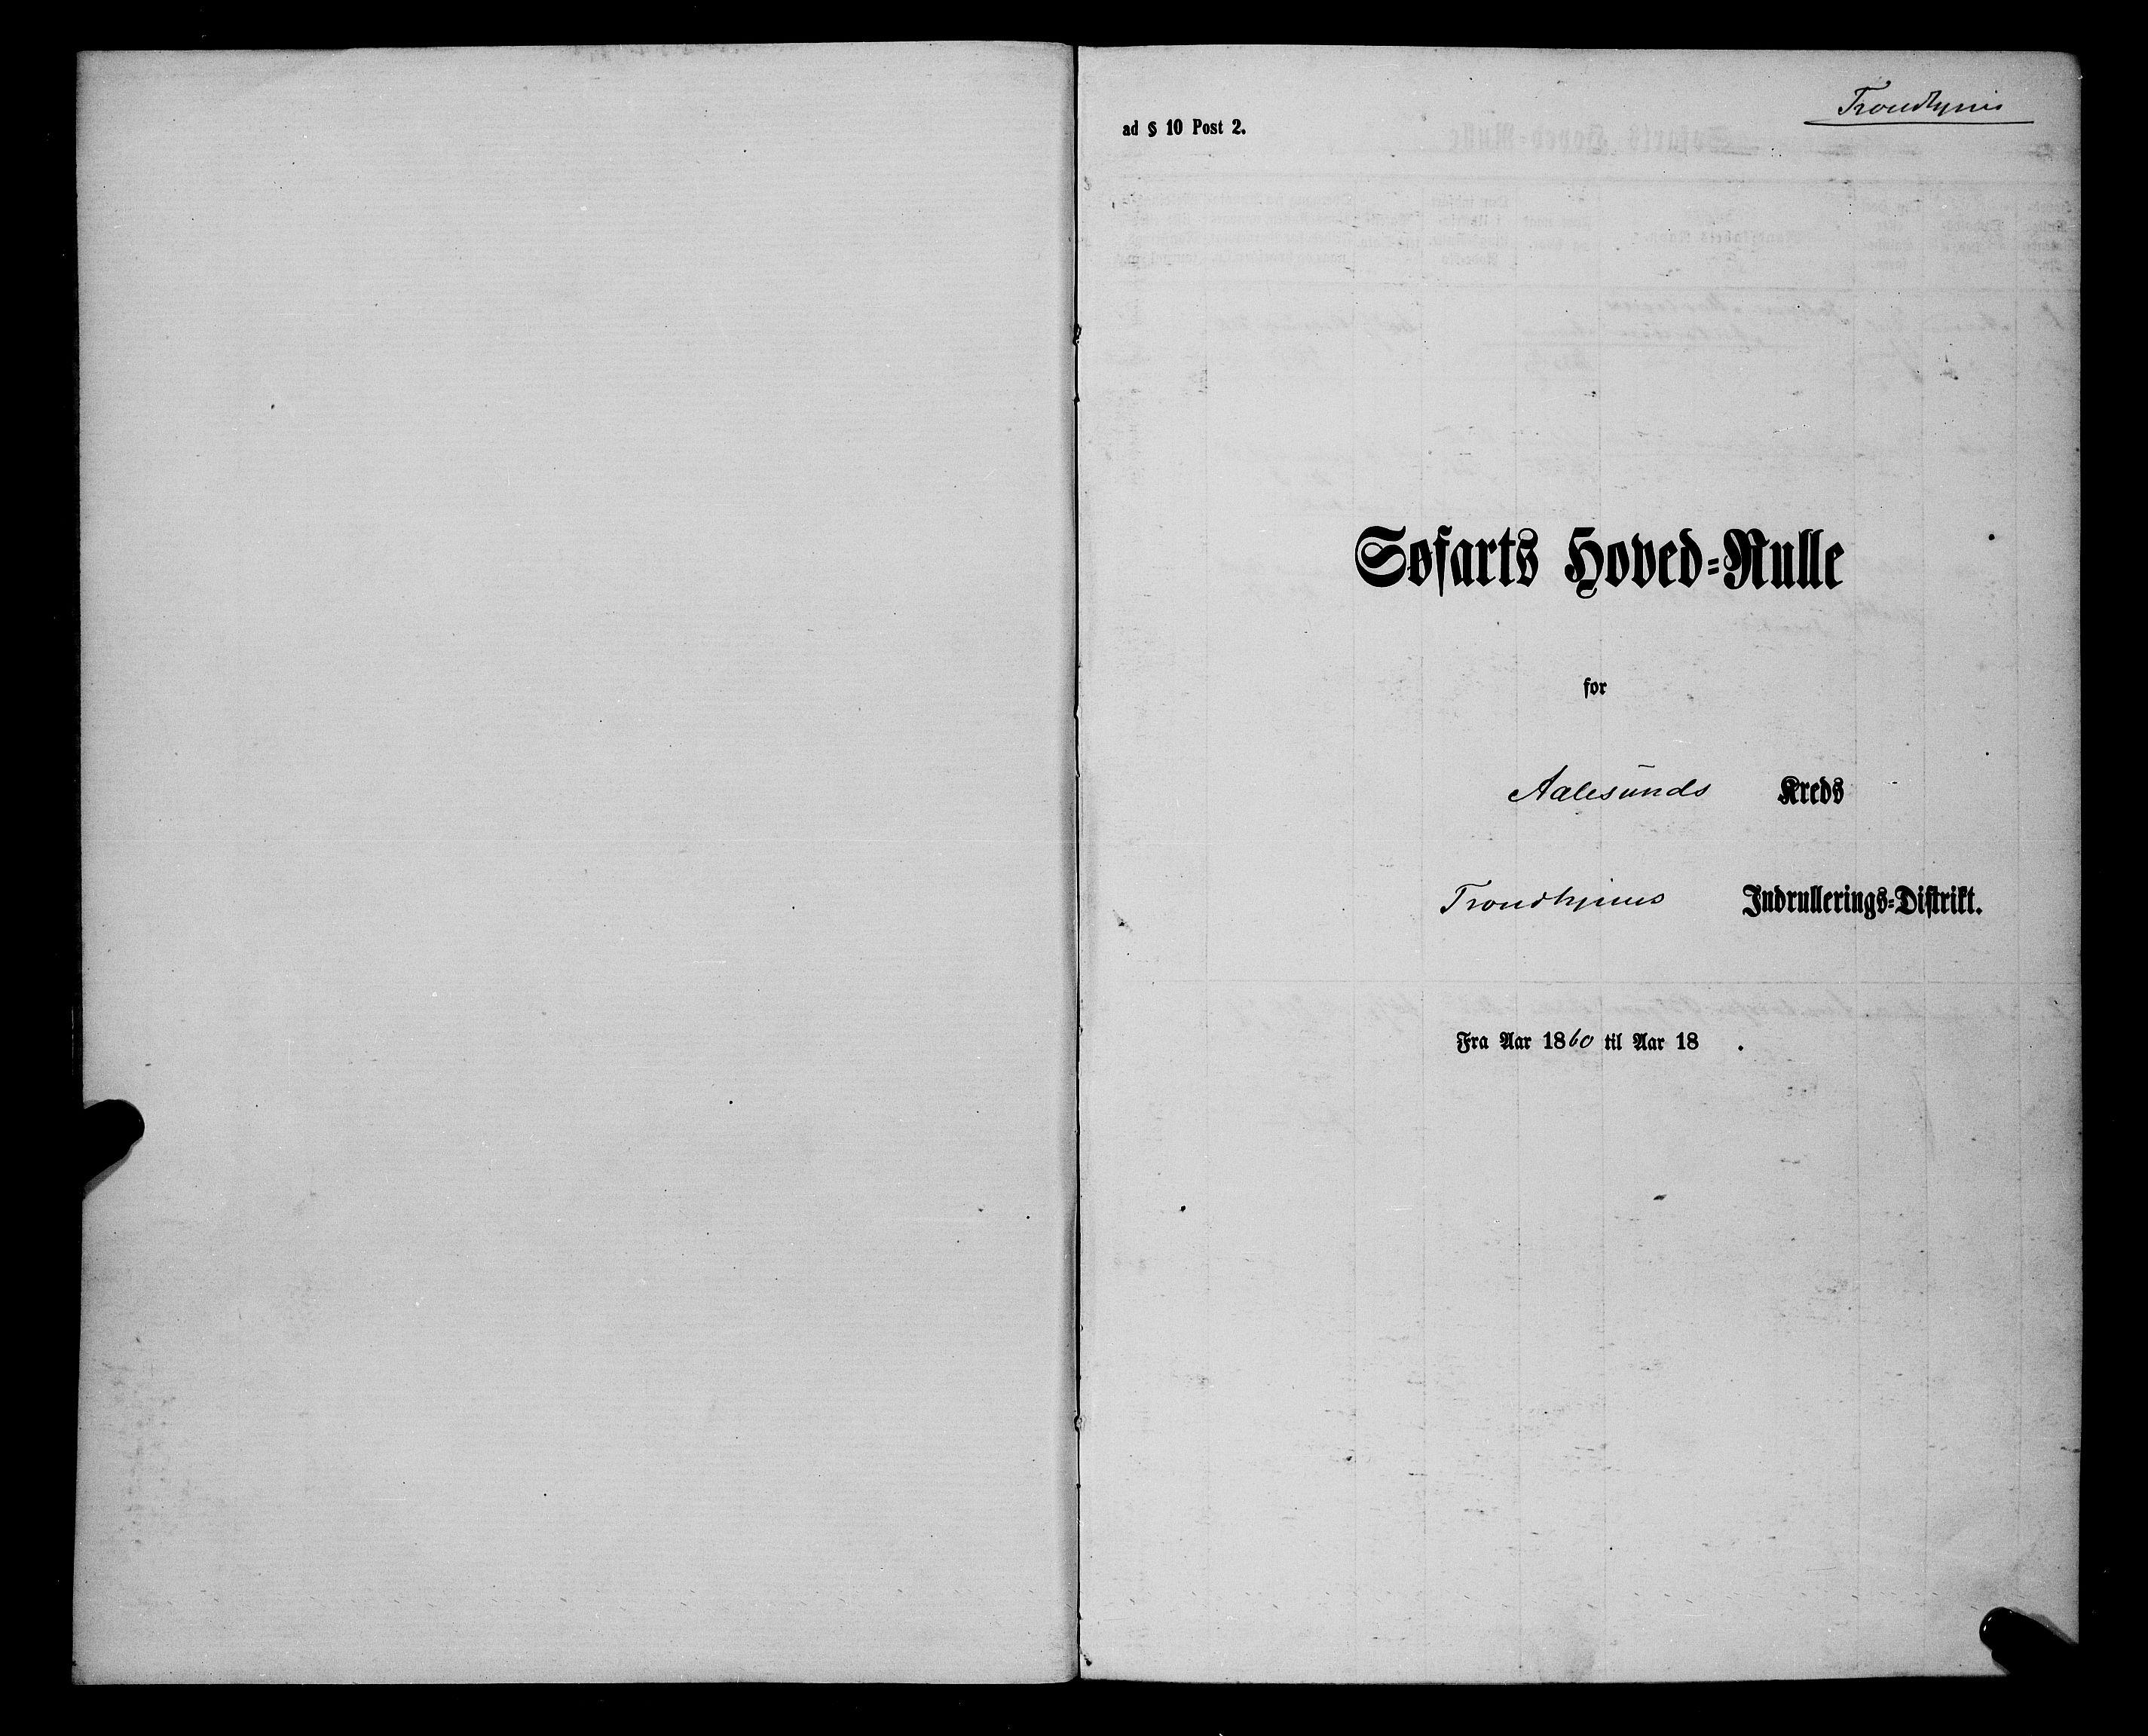 SAT, Sjøinnrulleringen - Trondhjemske distrikt, 01/L0033: --, 1860